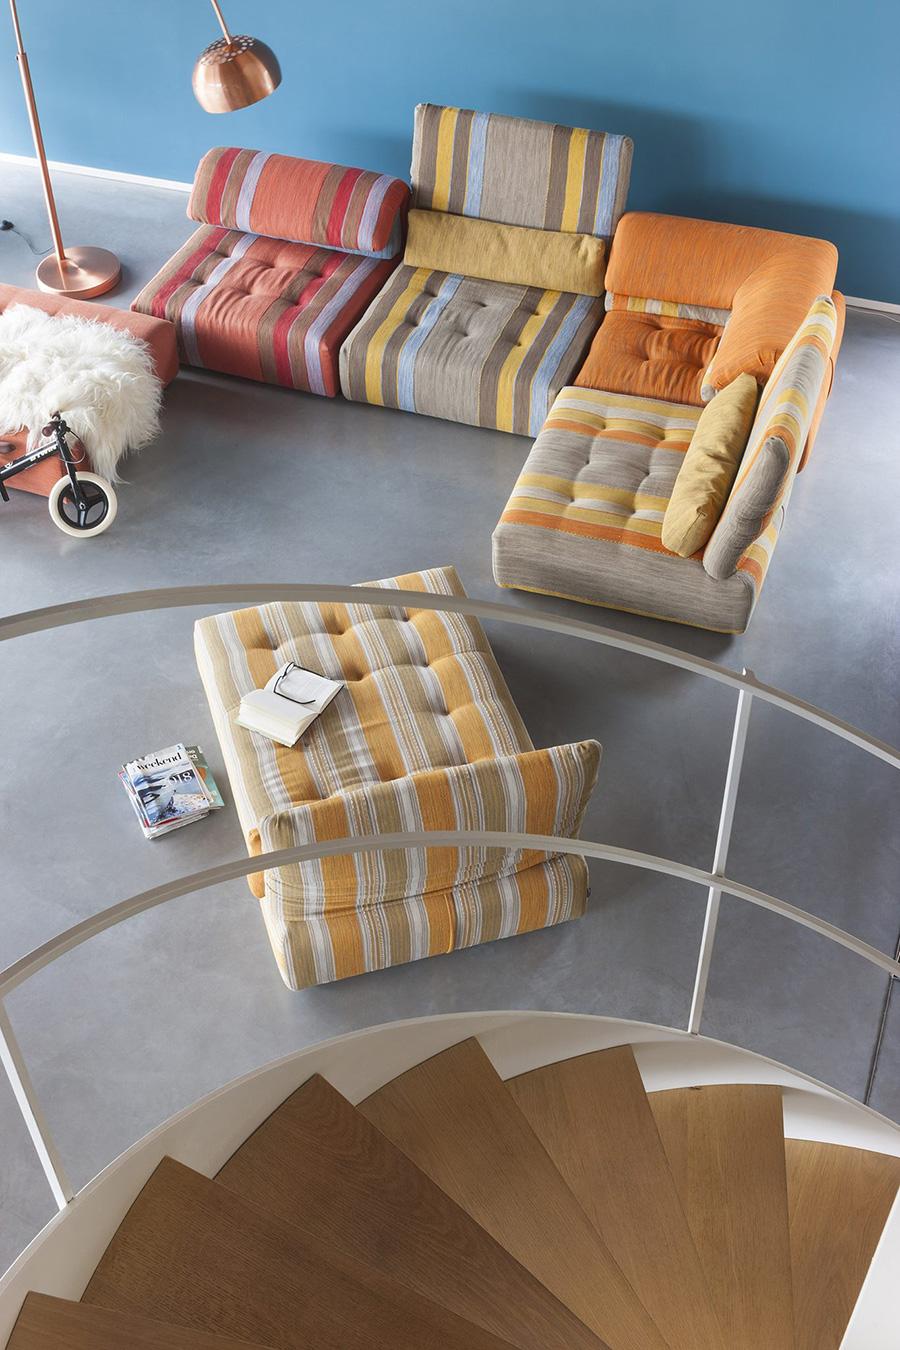 オレンジ色のソファをリビングに使えば、話の絶えないハッピーな家族になれそう。